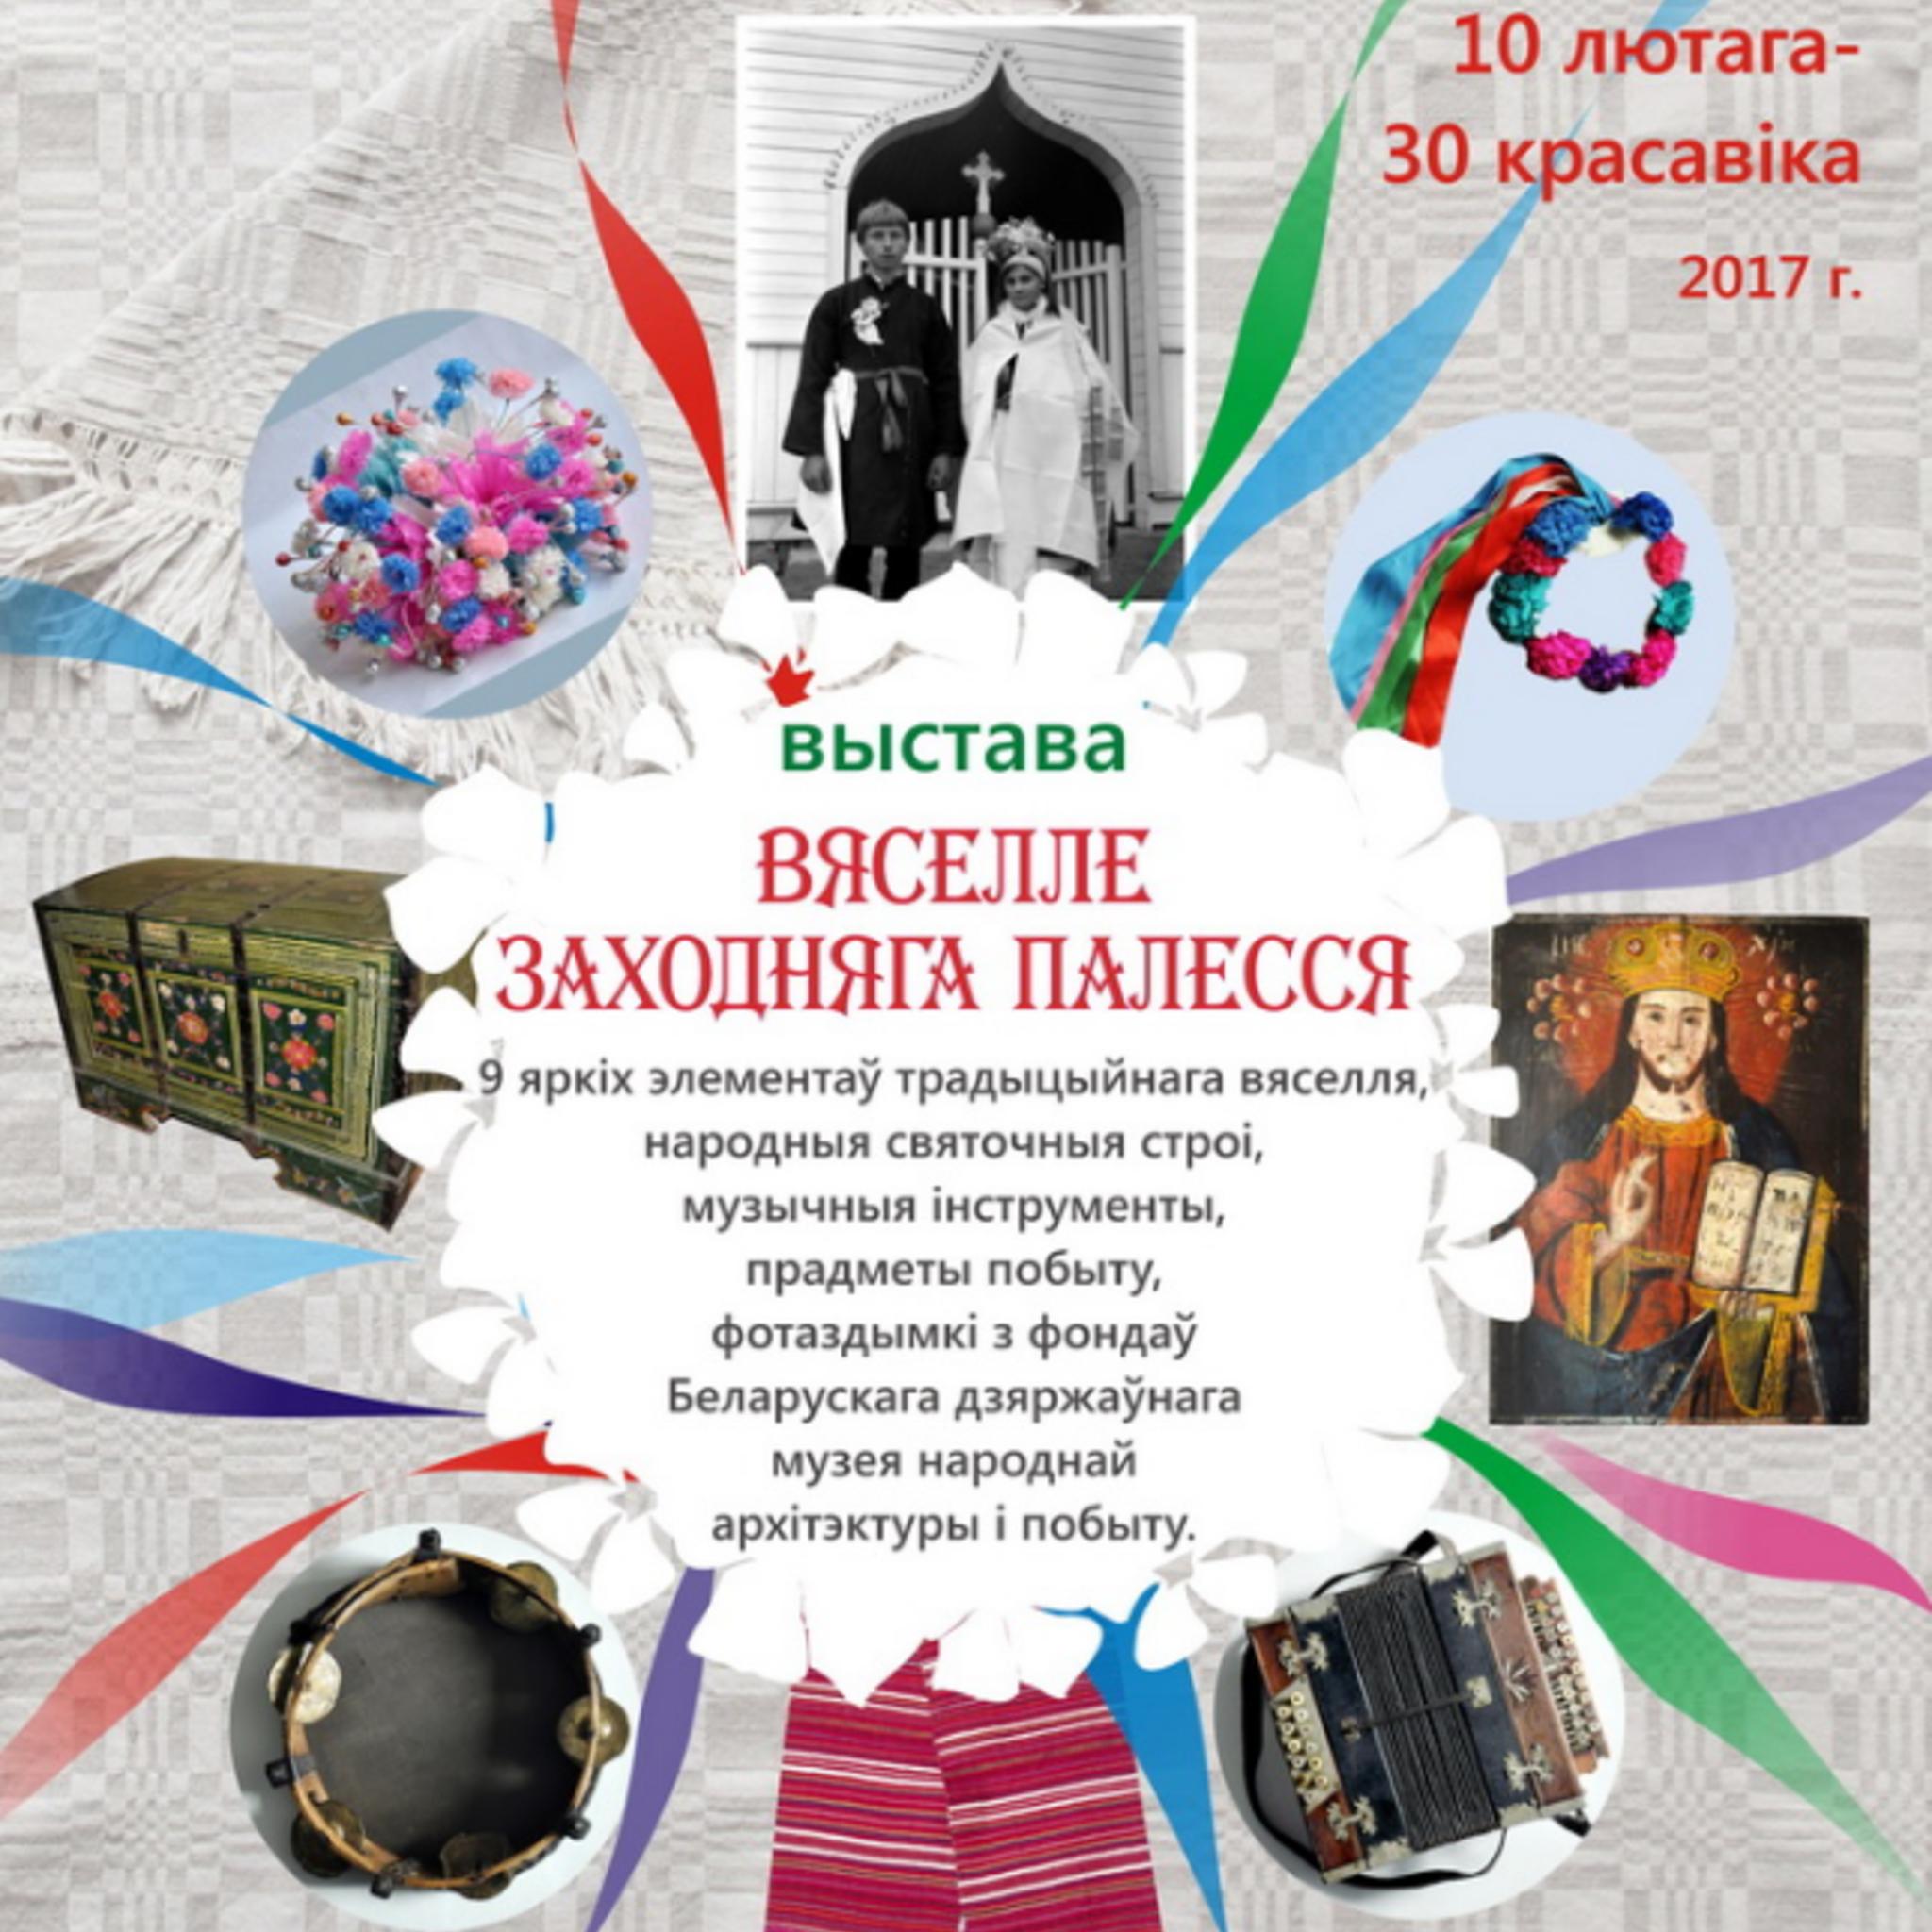 Выставка «Свадьба Западного Полесья»